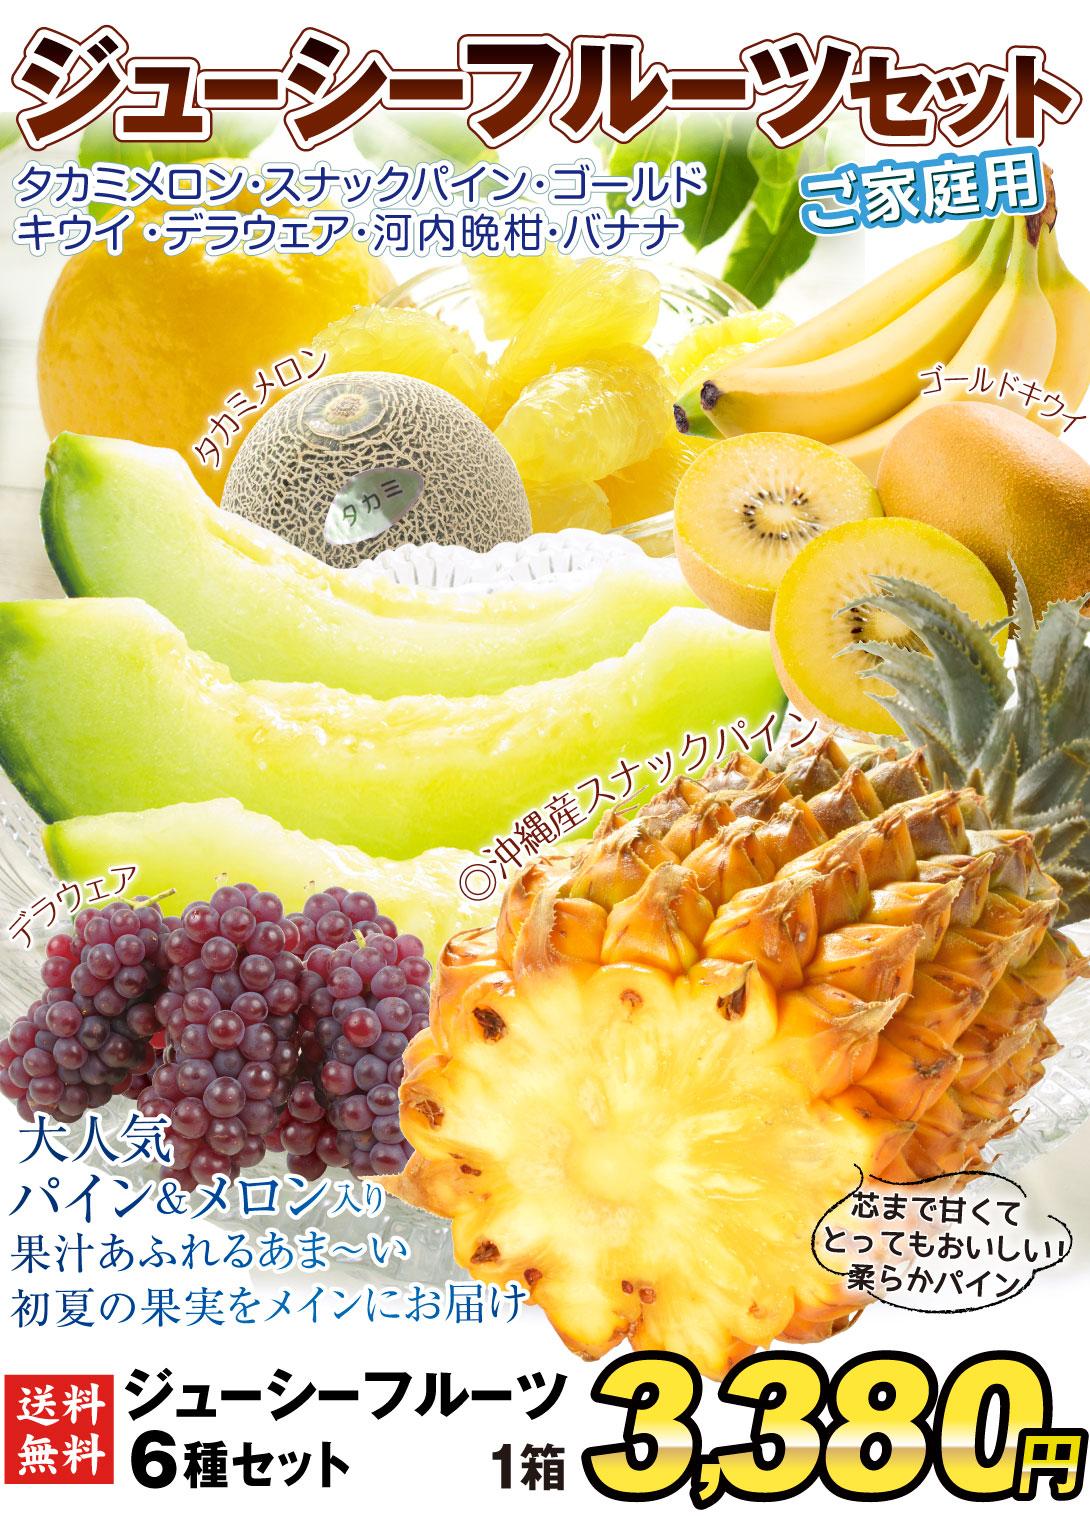 ジューシーフルーツ6種